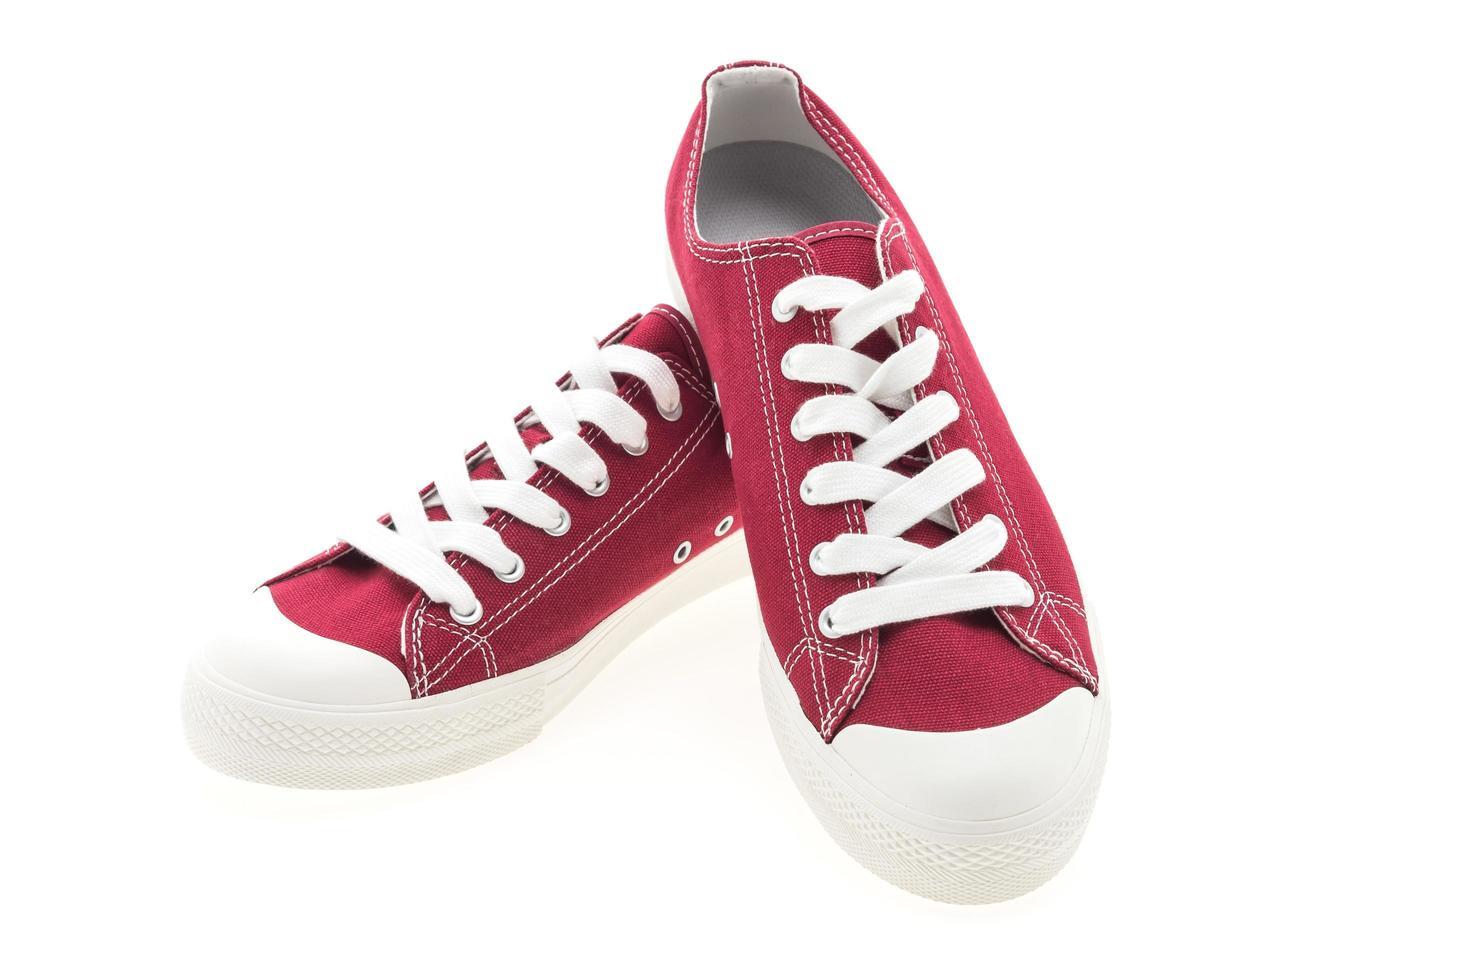 rote Schuhe auf weißem Hintergrund foto